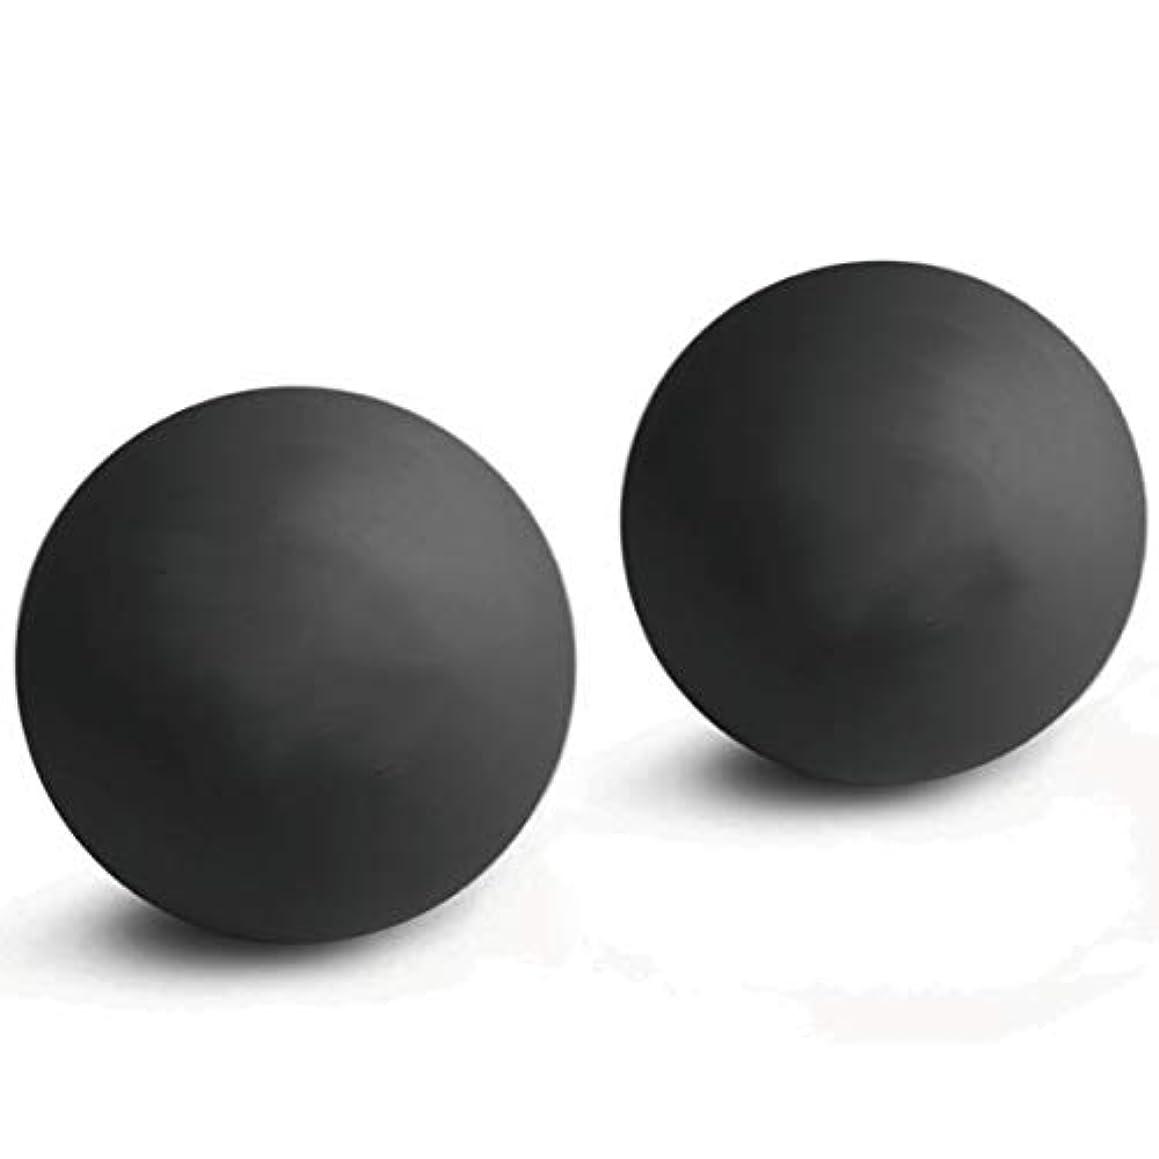 付与独裁者変形する2個入マッサージボール 触覚ボール ストレッチボールトリガーポイント 肩 背中 腰 足裏 全身 ツボ押しグッズ